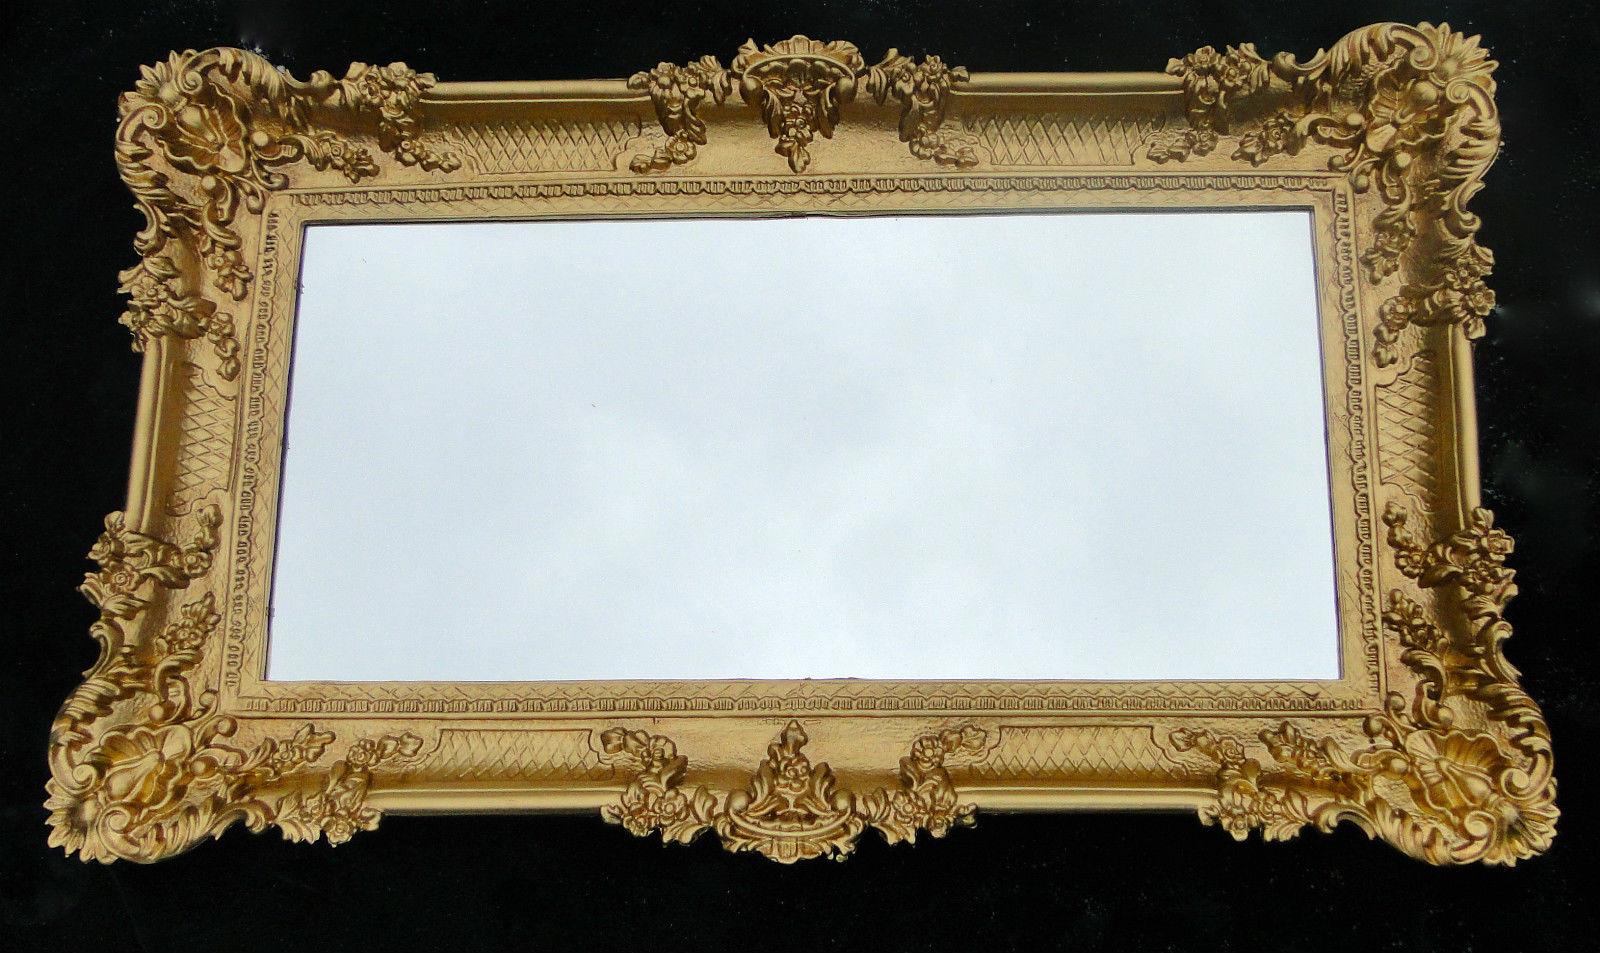 wandspiegel barock gold spiegel antik 96x57 badspiegel gro wandspiegel barock kaufen bei. Black Bedroom Furniture Sets. Home Design Ideas